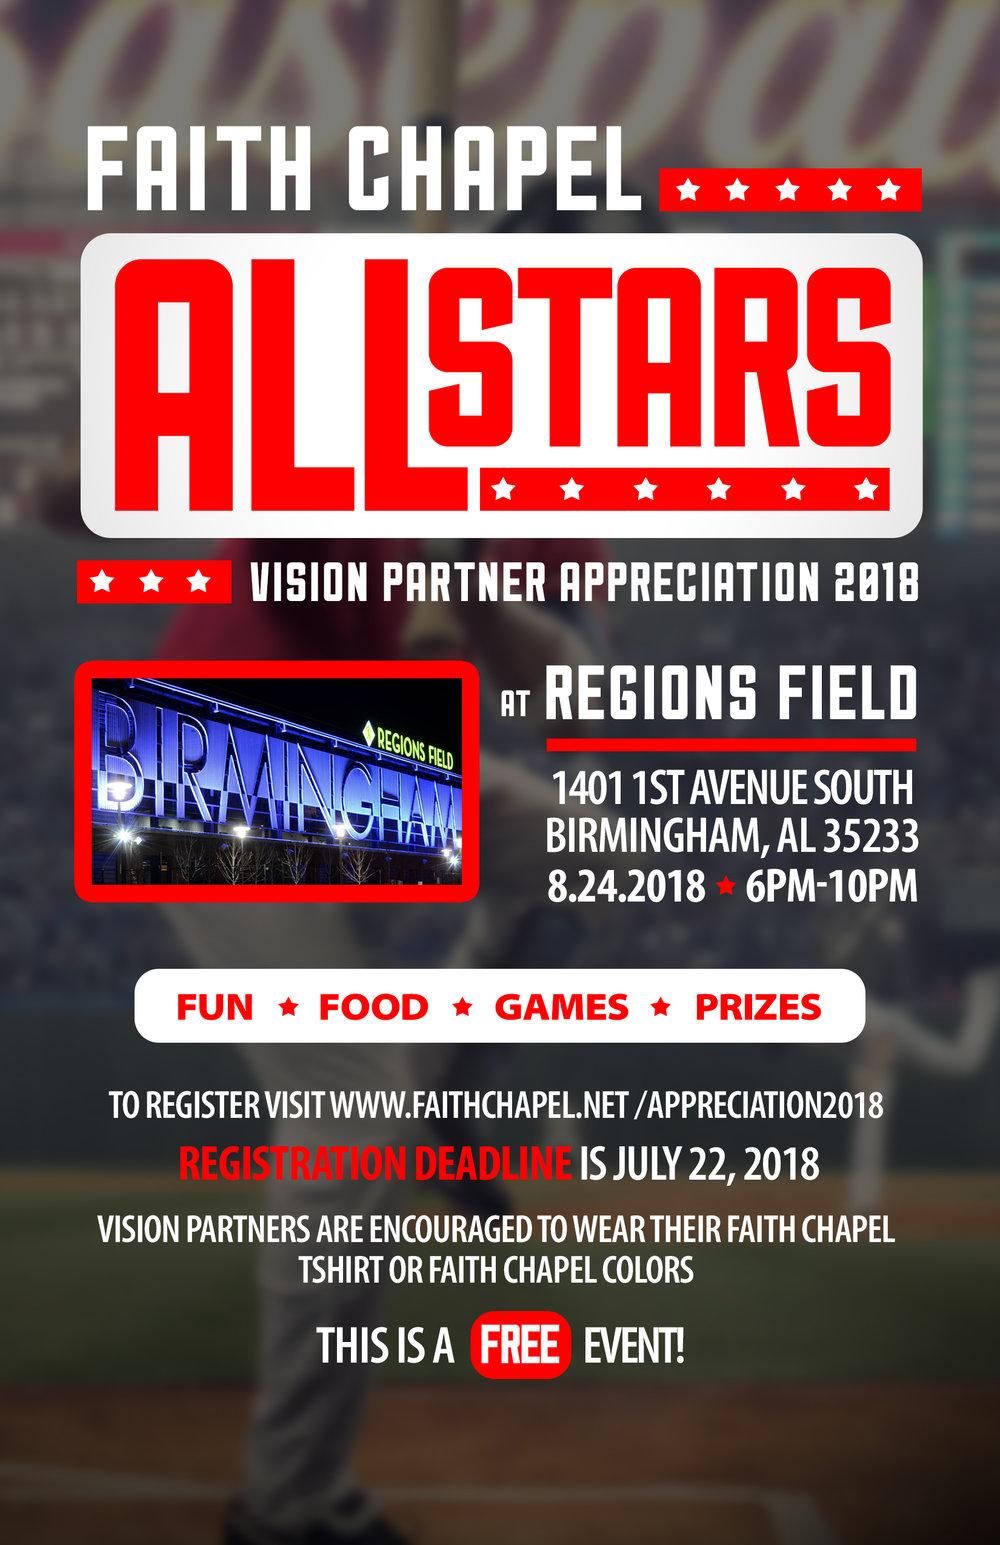 Vision Partner Appreciation 2018 flyer.jpg